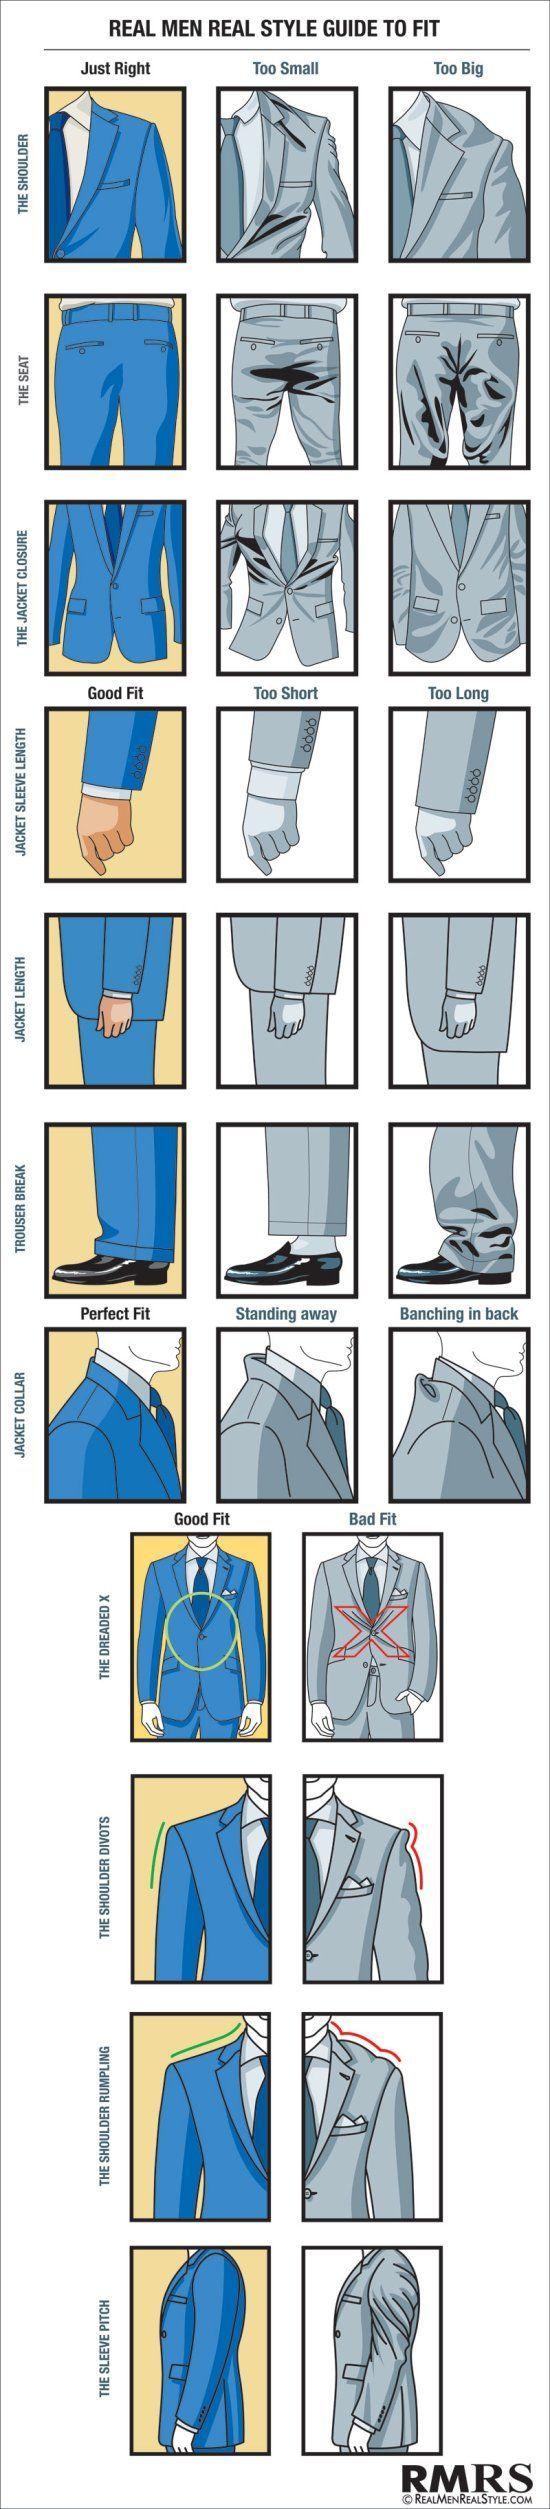 Cuando buscas un traje y no estas seguro de si esta a la medida o no, aqui te compartimos como debe de ser el fit perfecto. #vestidoparaelexito